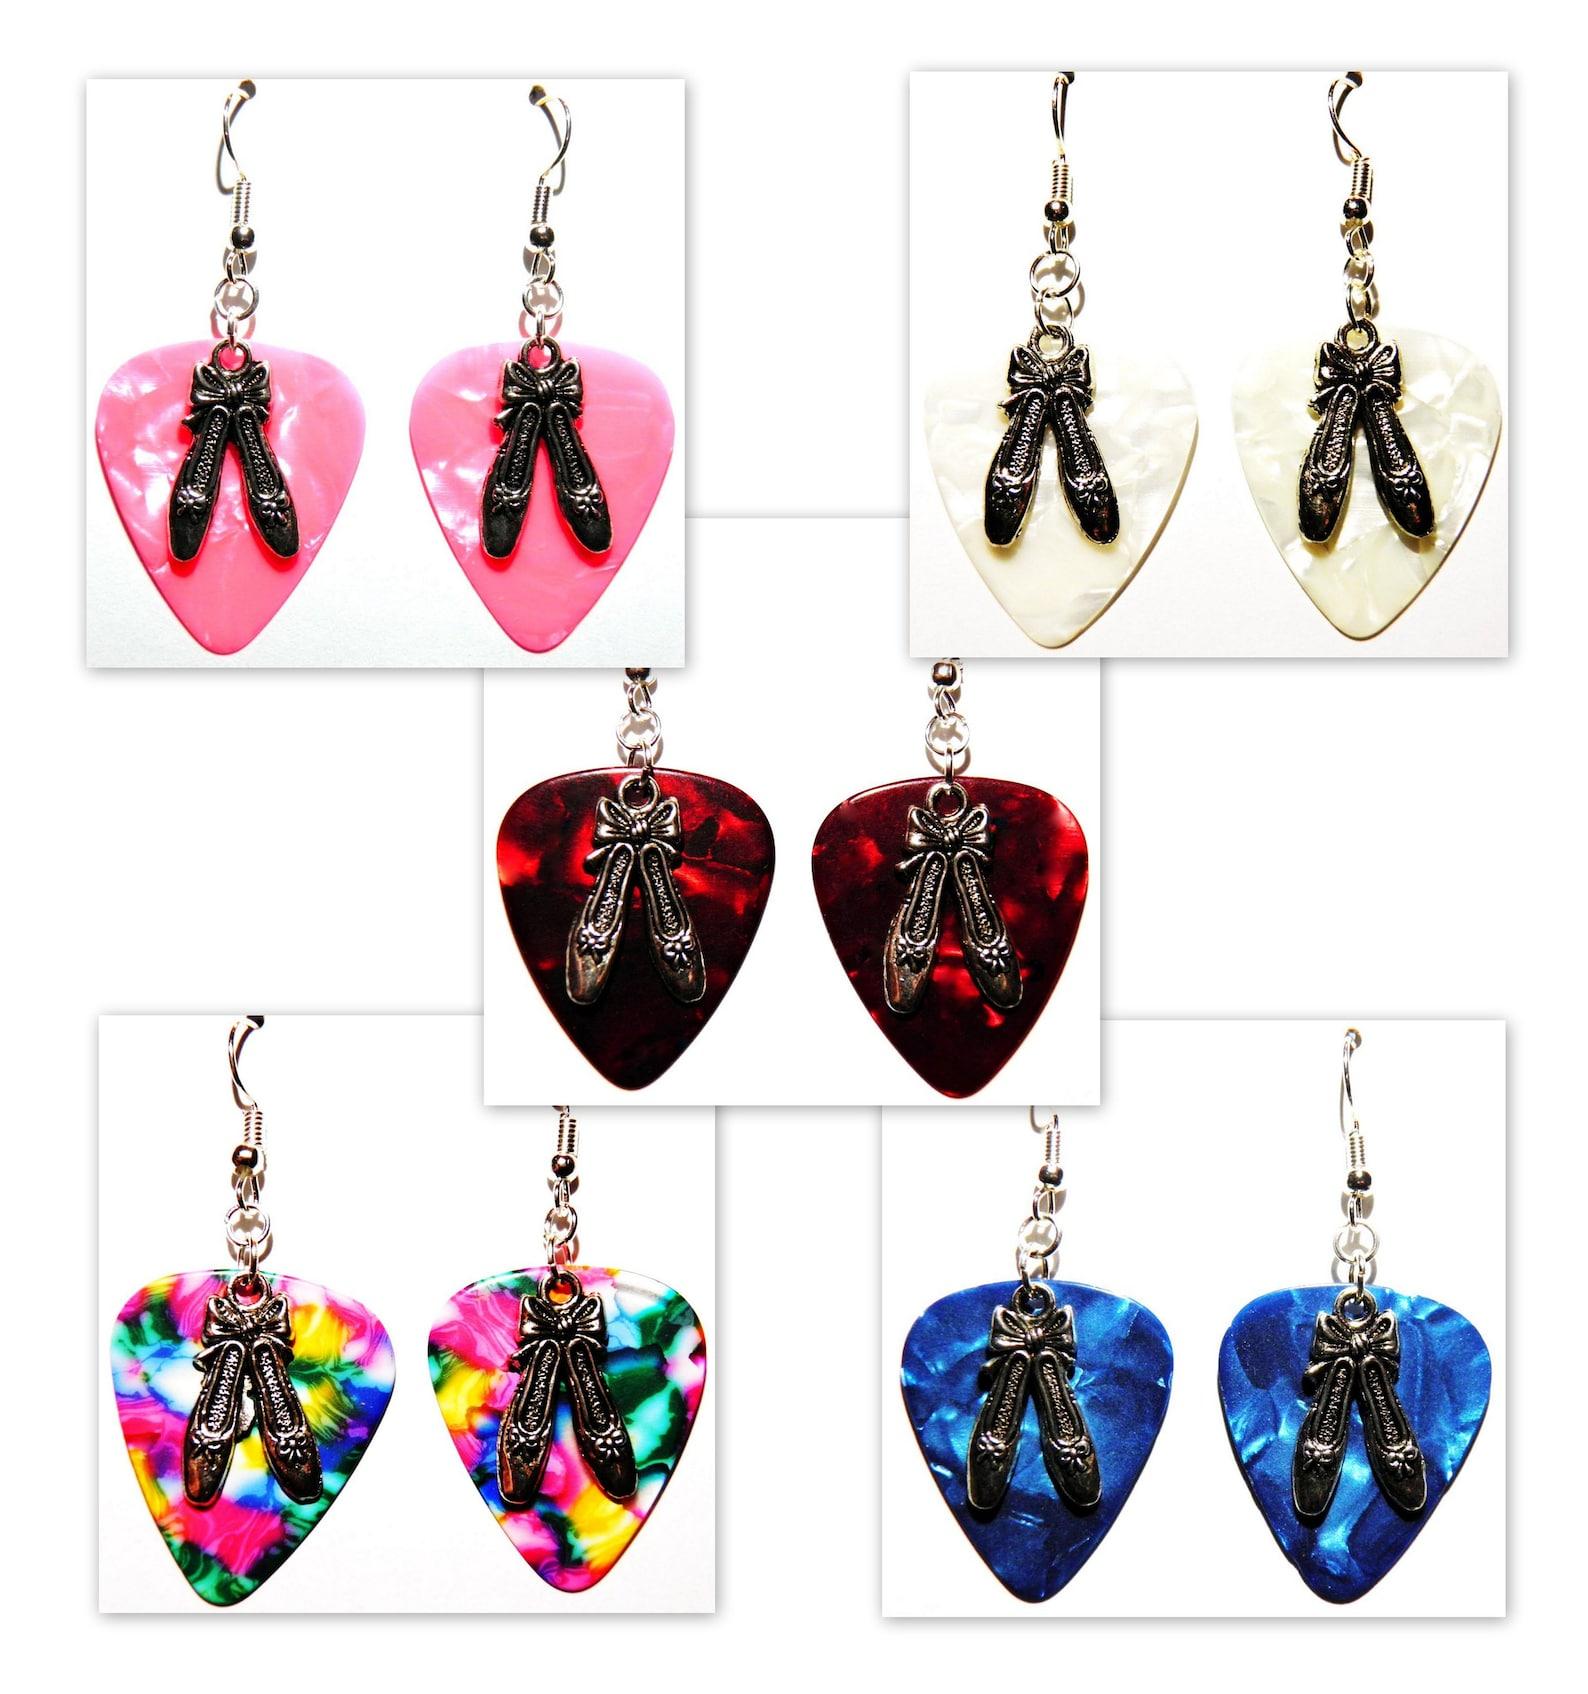 ballet shoes ballerina dancer charm guitar pick earrings - choose color - handmade in usa